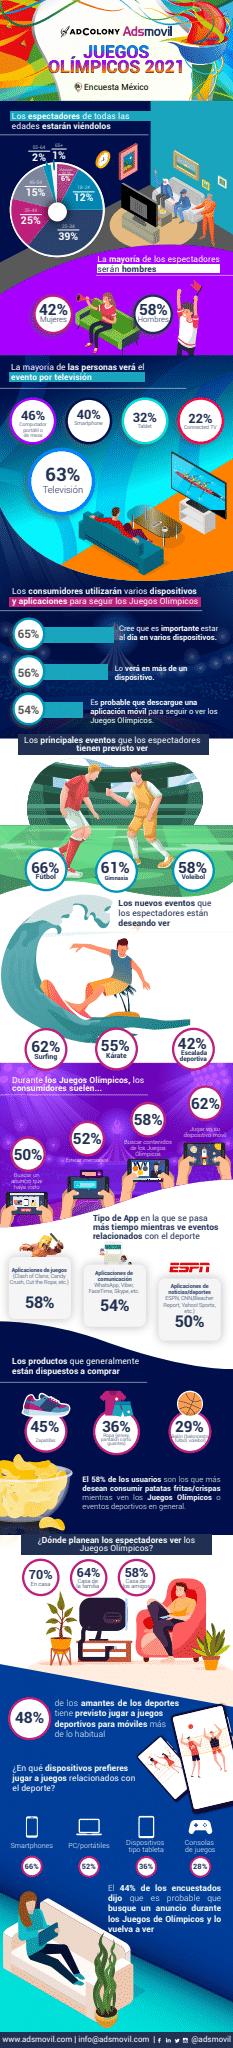 Preferencias de los consumidores mexicanos a la hora de ver los Juegos Olímpicos, según Adsmovil